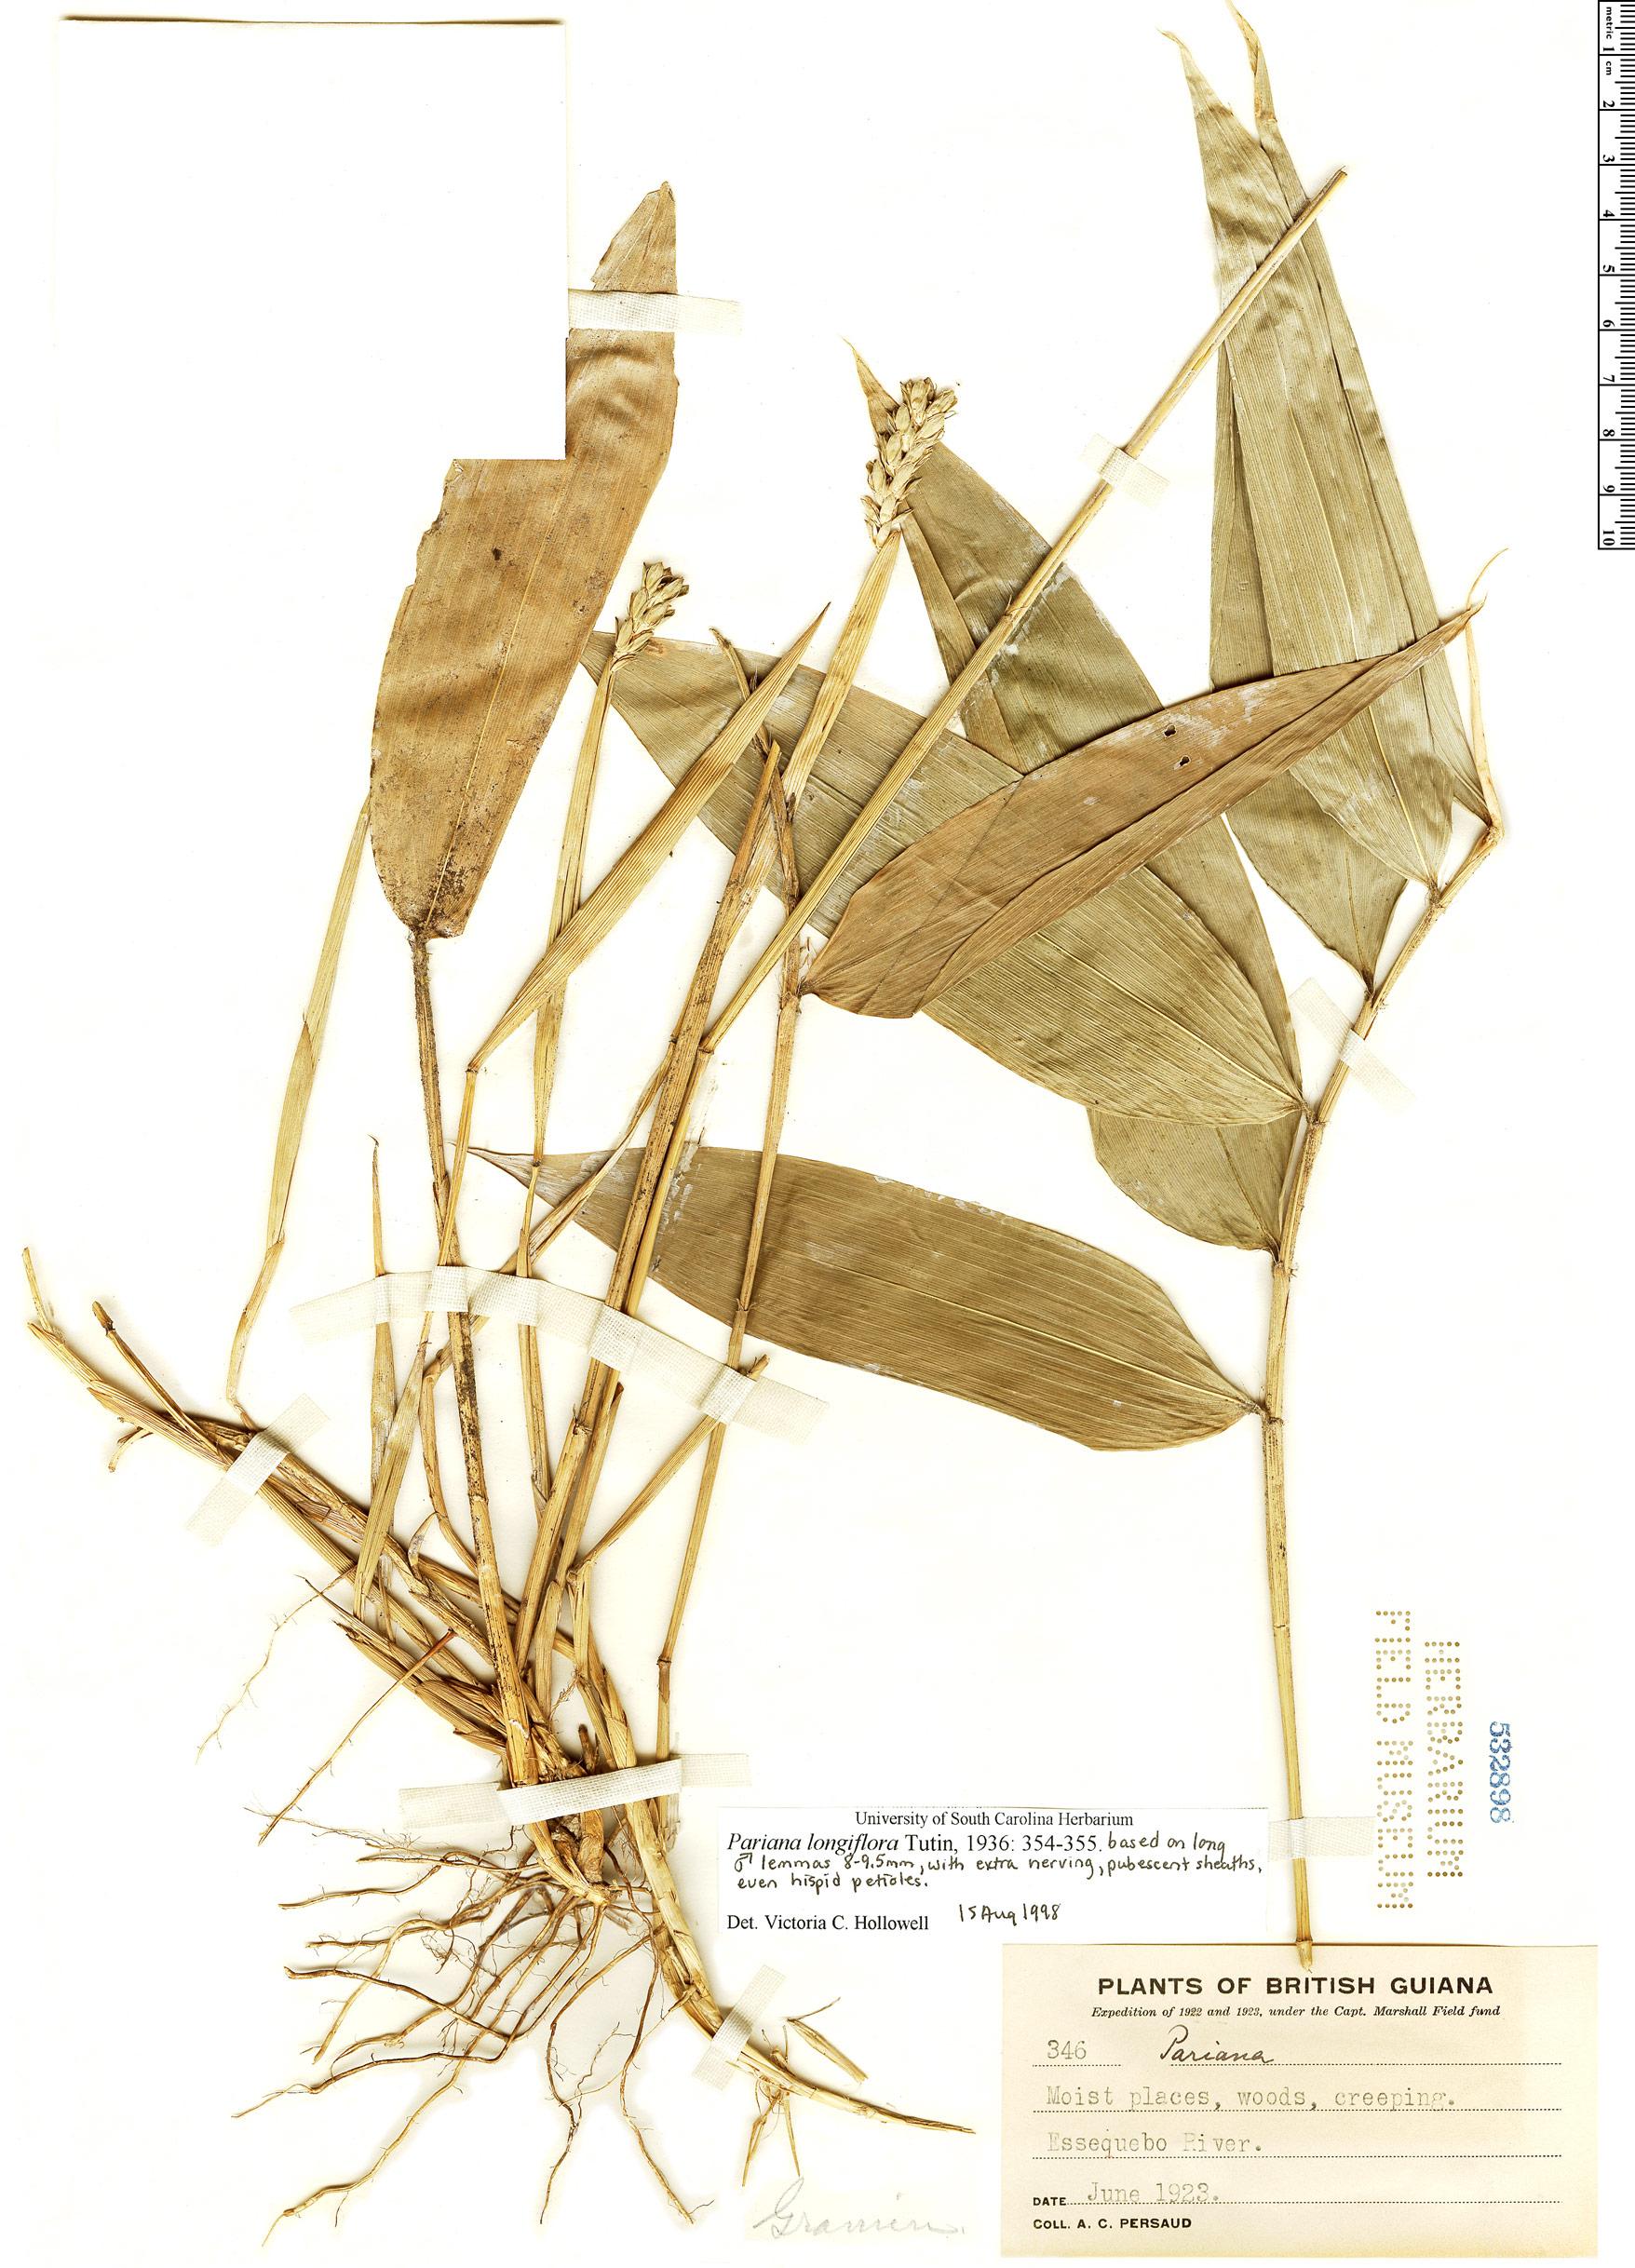 Specimen: Pariana longiflora